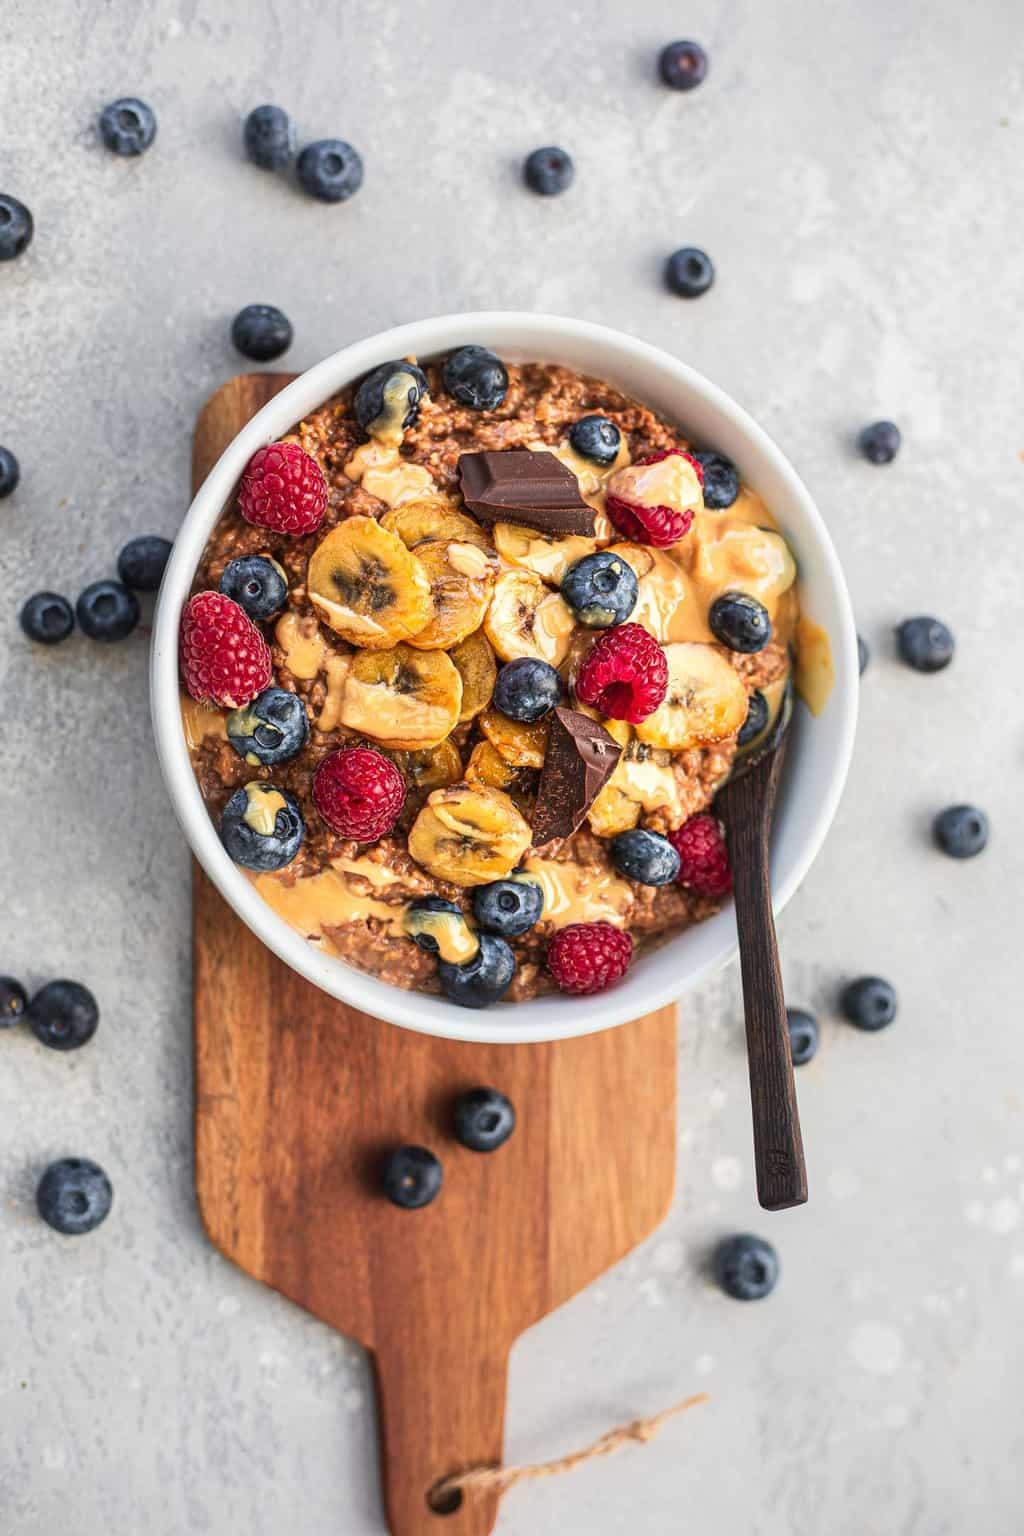 Vegan coconut oats gluten-free